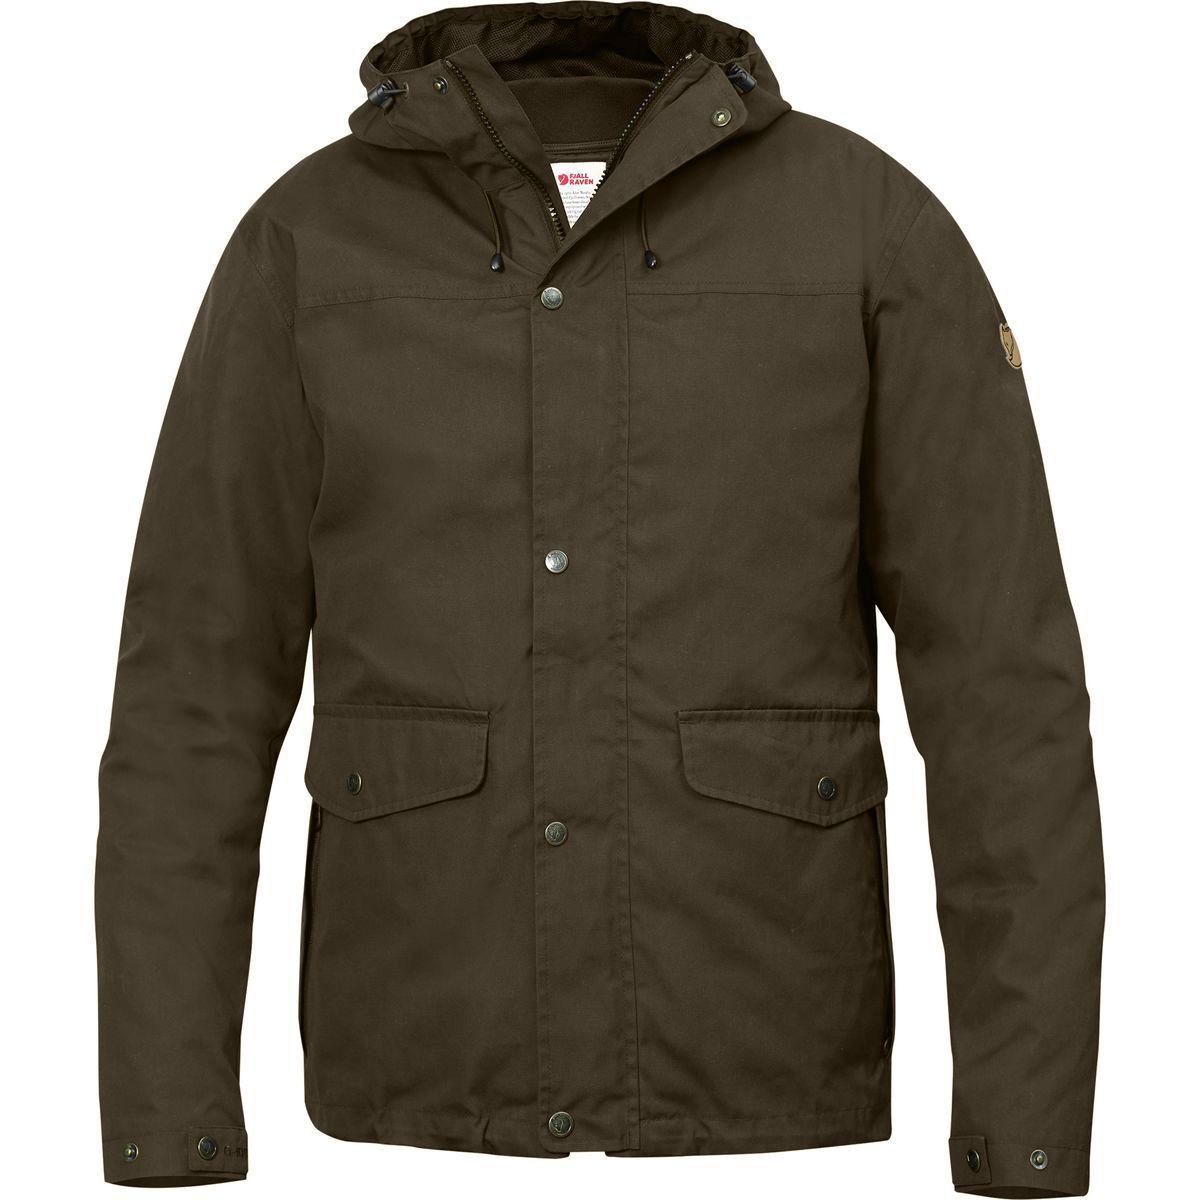 Fjallraven Ovik 3-In-1 Jacket - Men